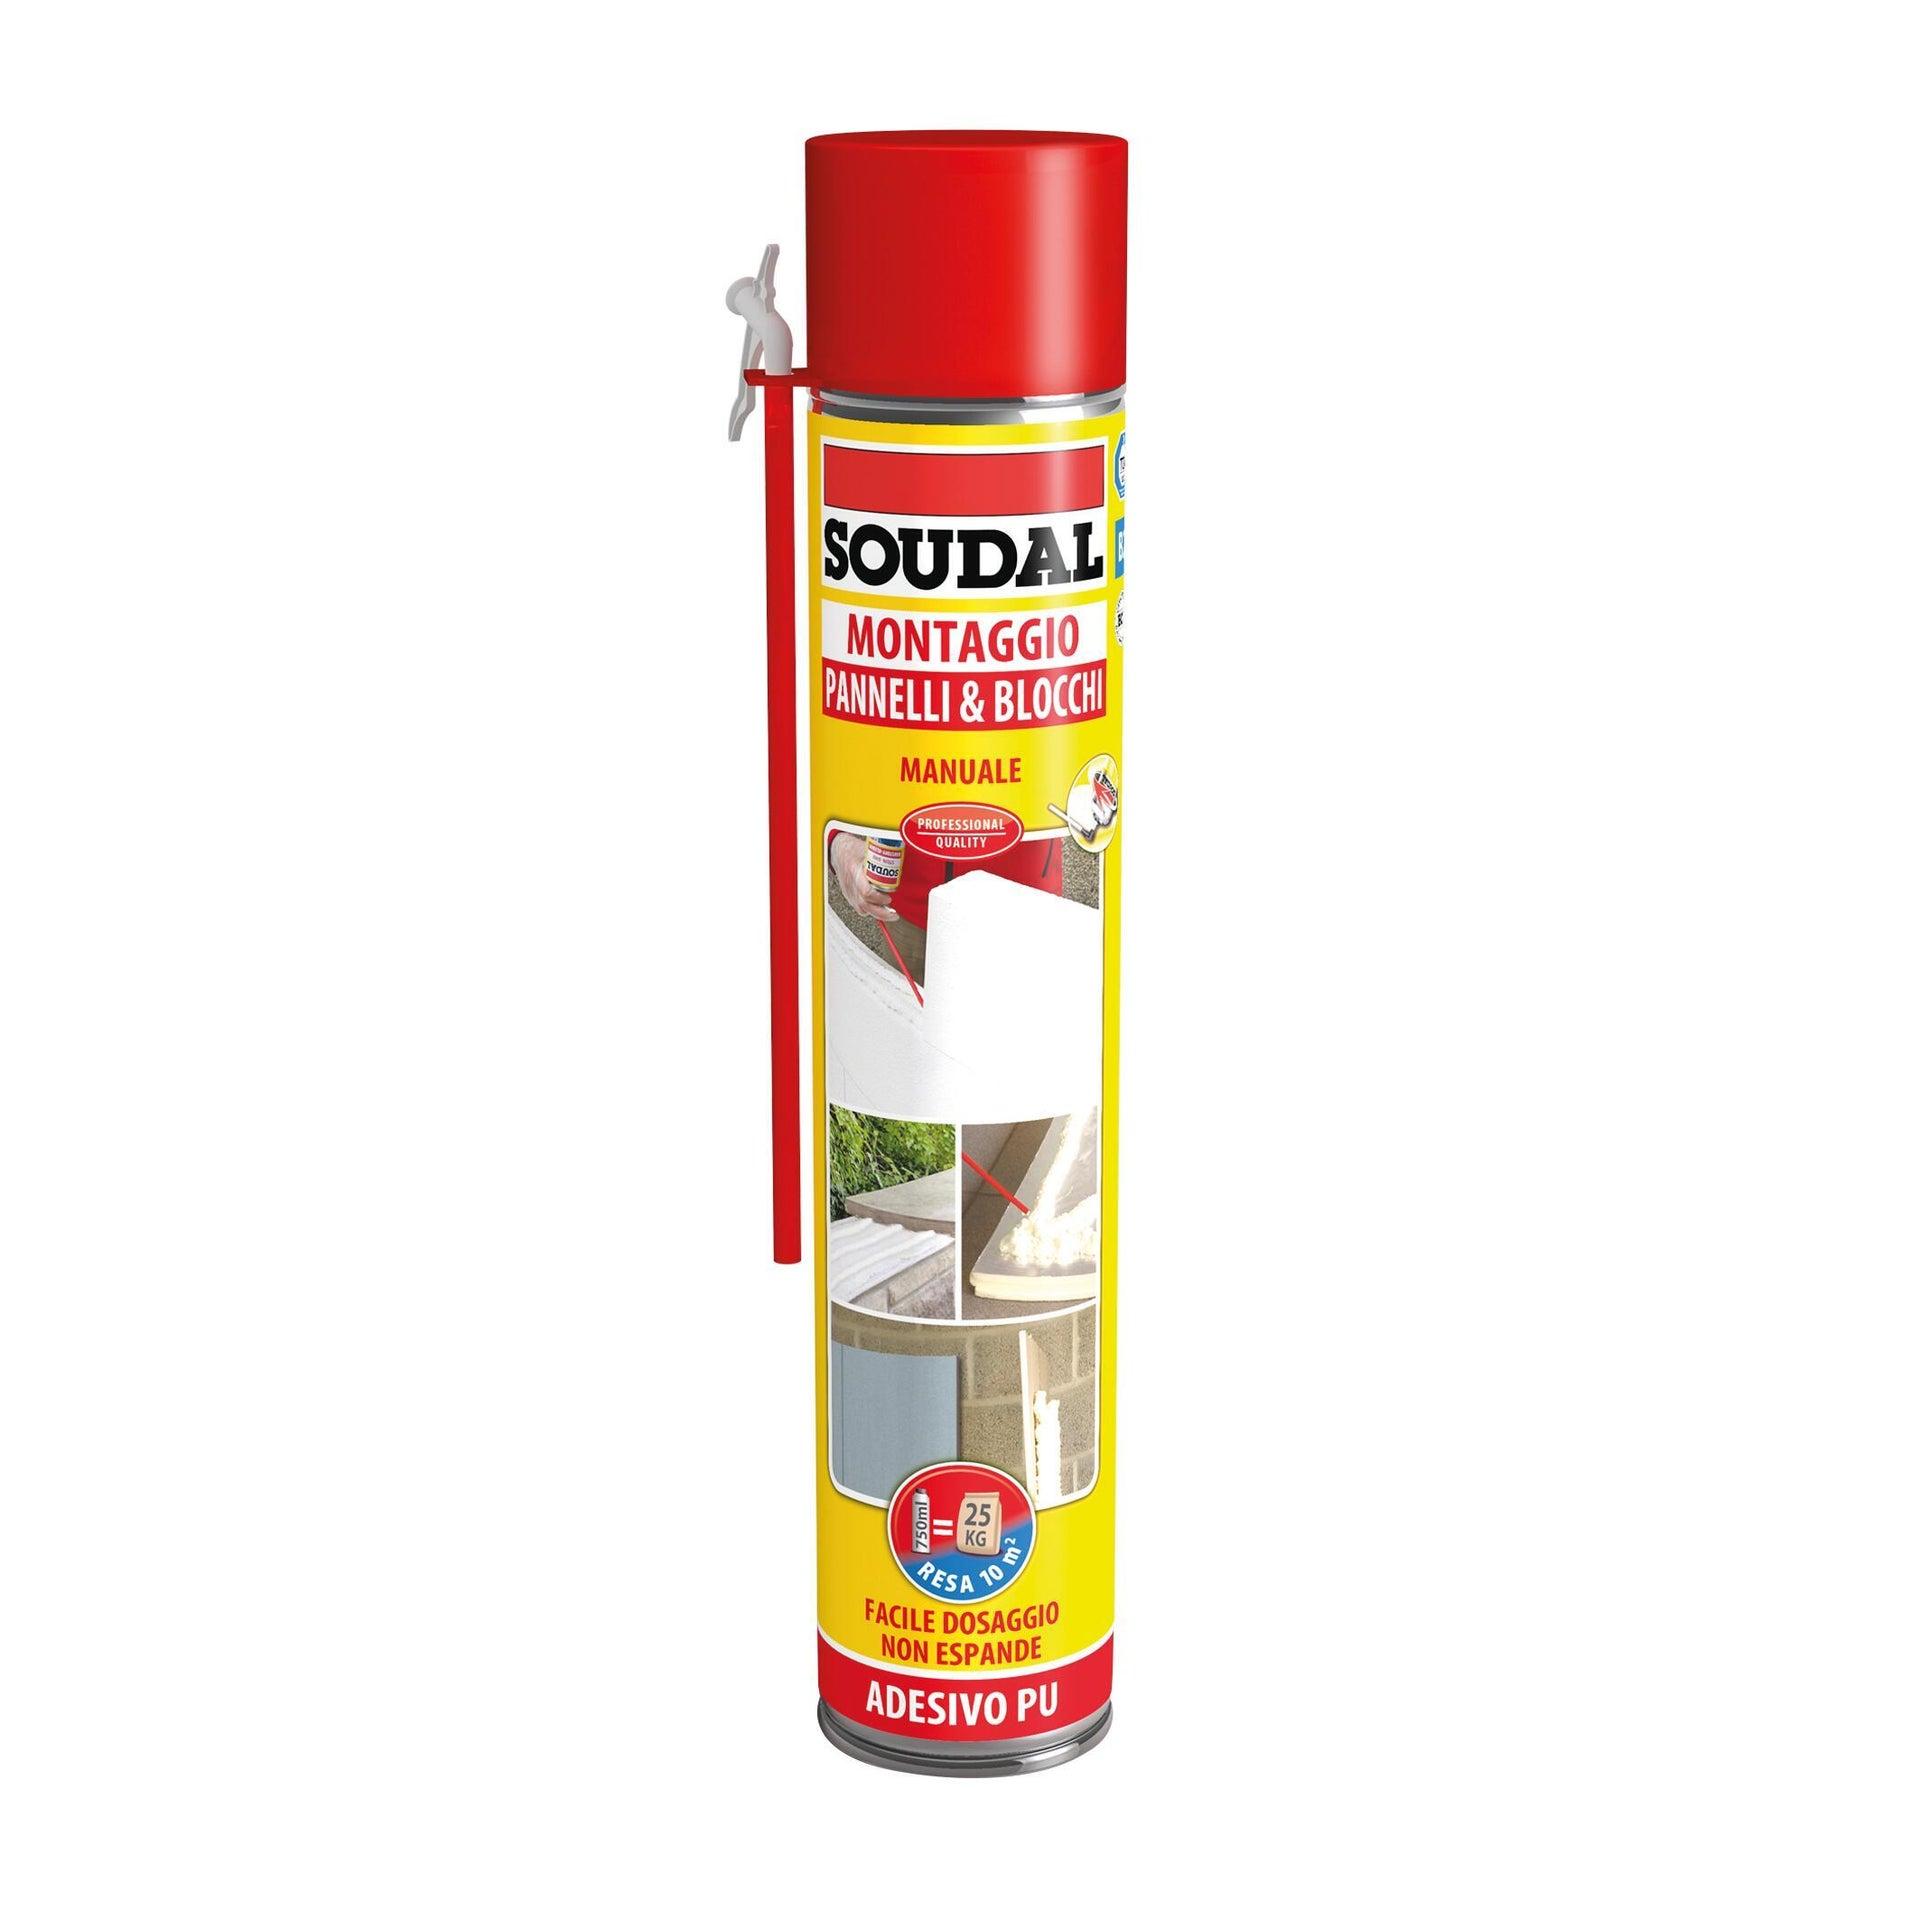 Schiuma poliuretanica SOUDAL Pannelli e blocchi rame per pannello 0,6 ml - 4